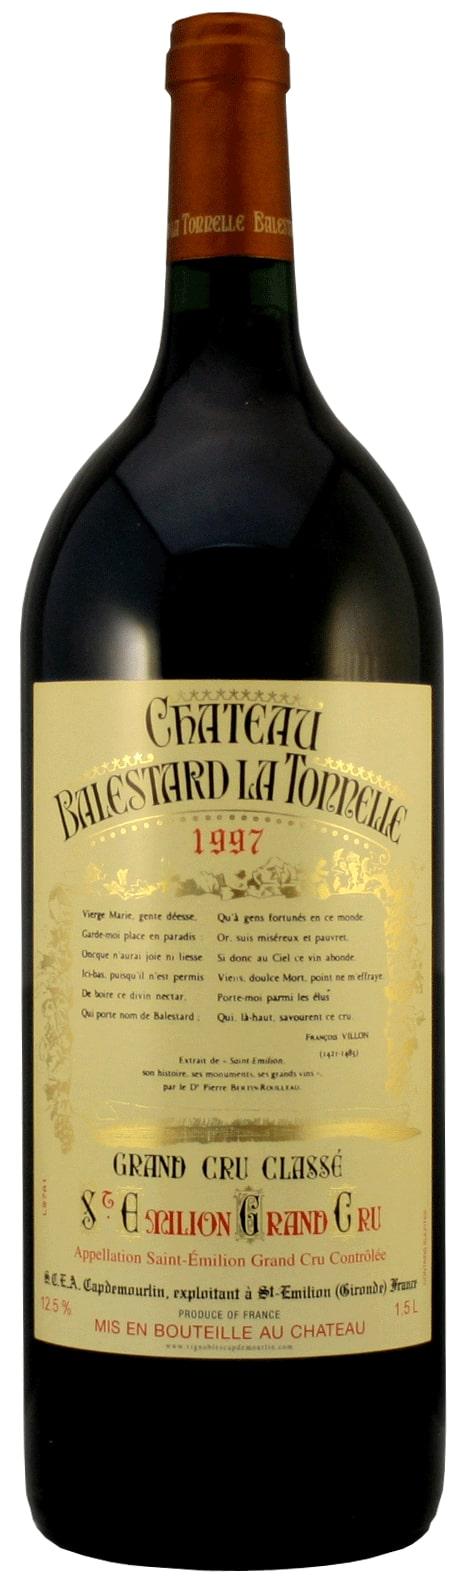 Château Balestard La Tonnelle 1997 Magnum